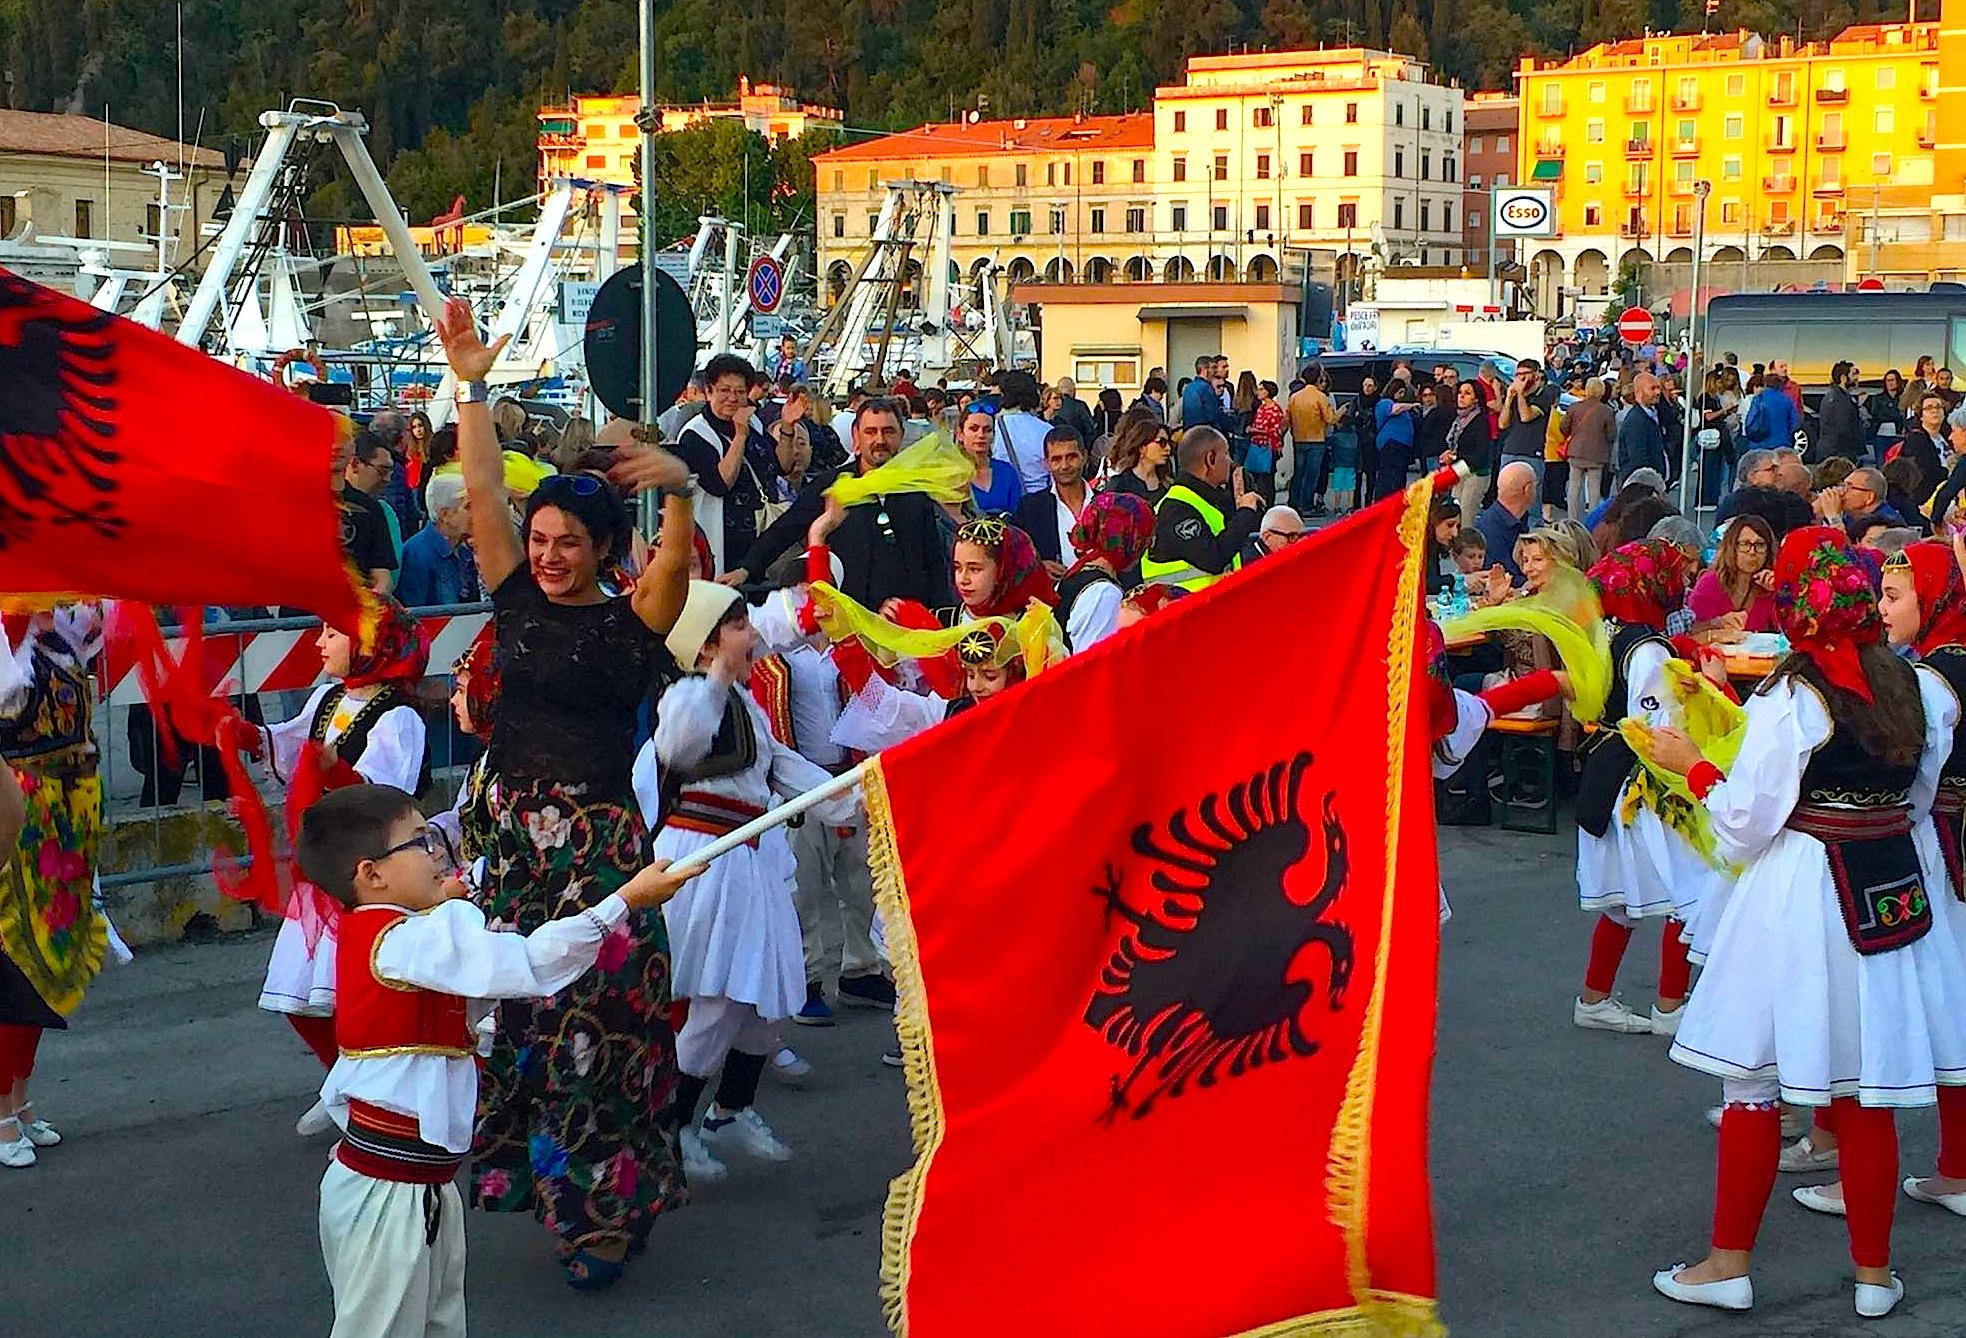 Takimet e Detit - Ancona 17-20 Maj 2018